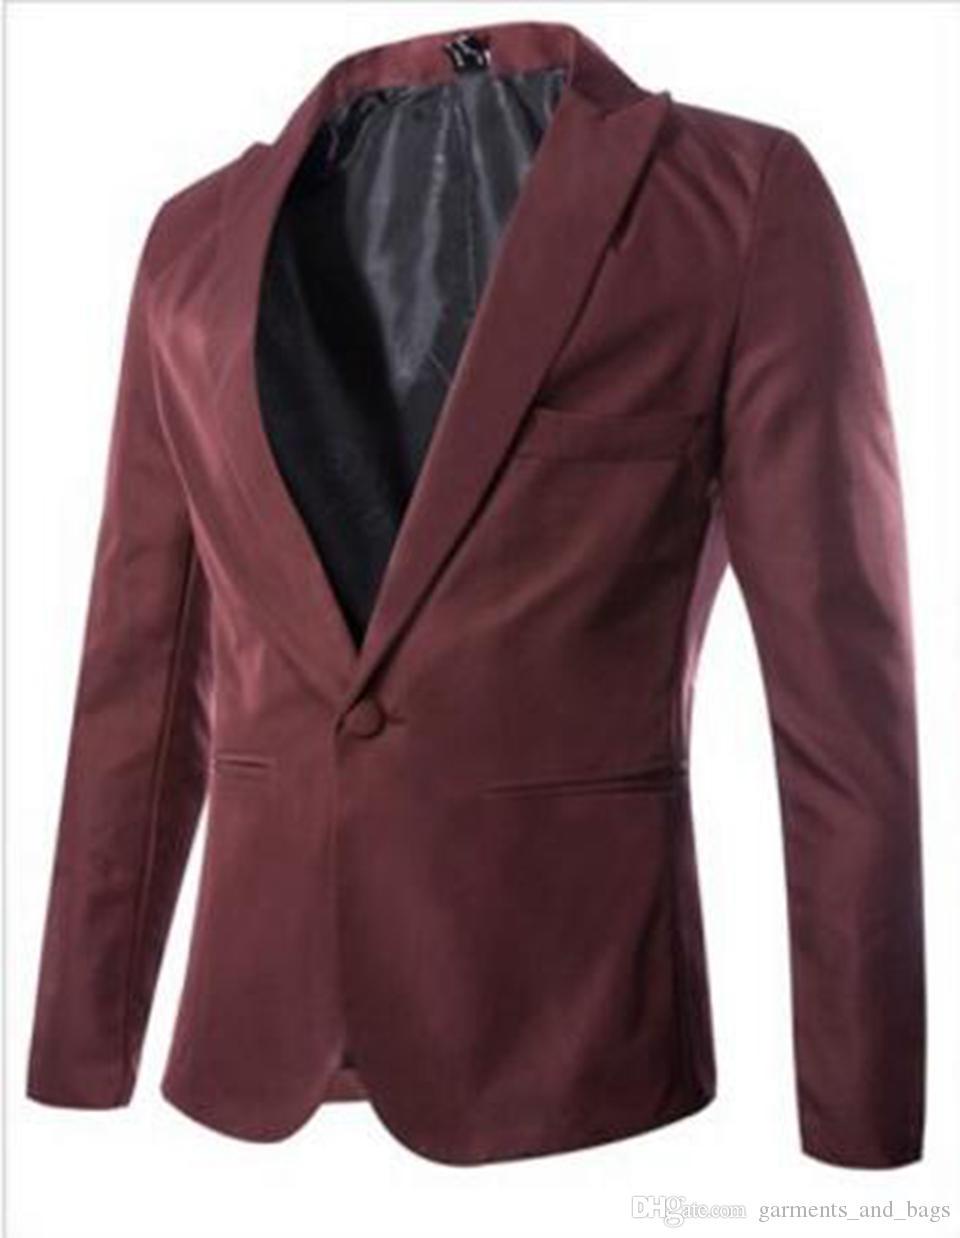 Sıcak yeni bahar moda Şeker Renk Şık Slim Fit erkek Takım Elbise Ceket Rahat Blazer Gece Kulübü kostümleri giyim / M-3XL